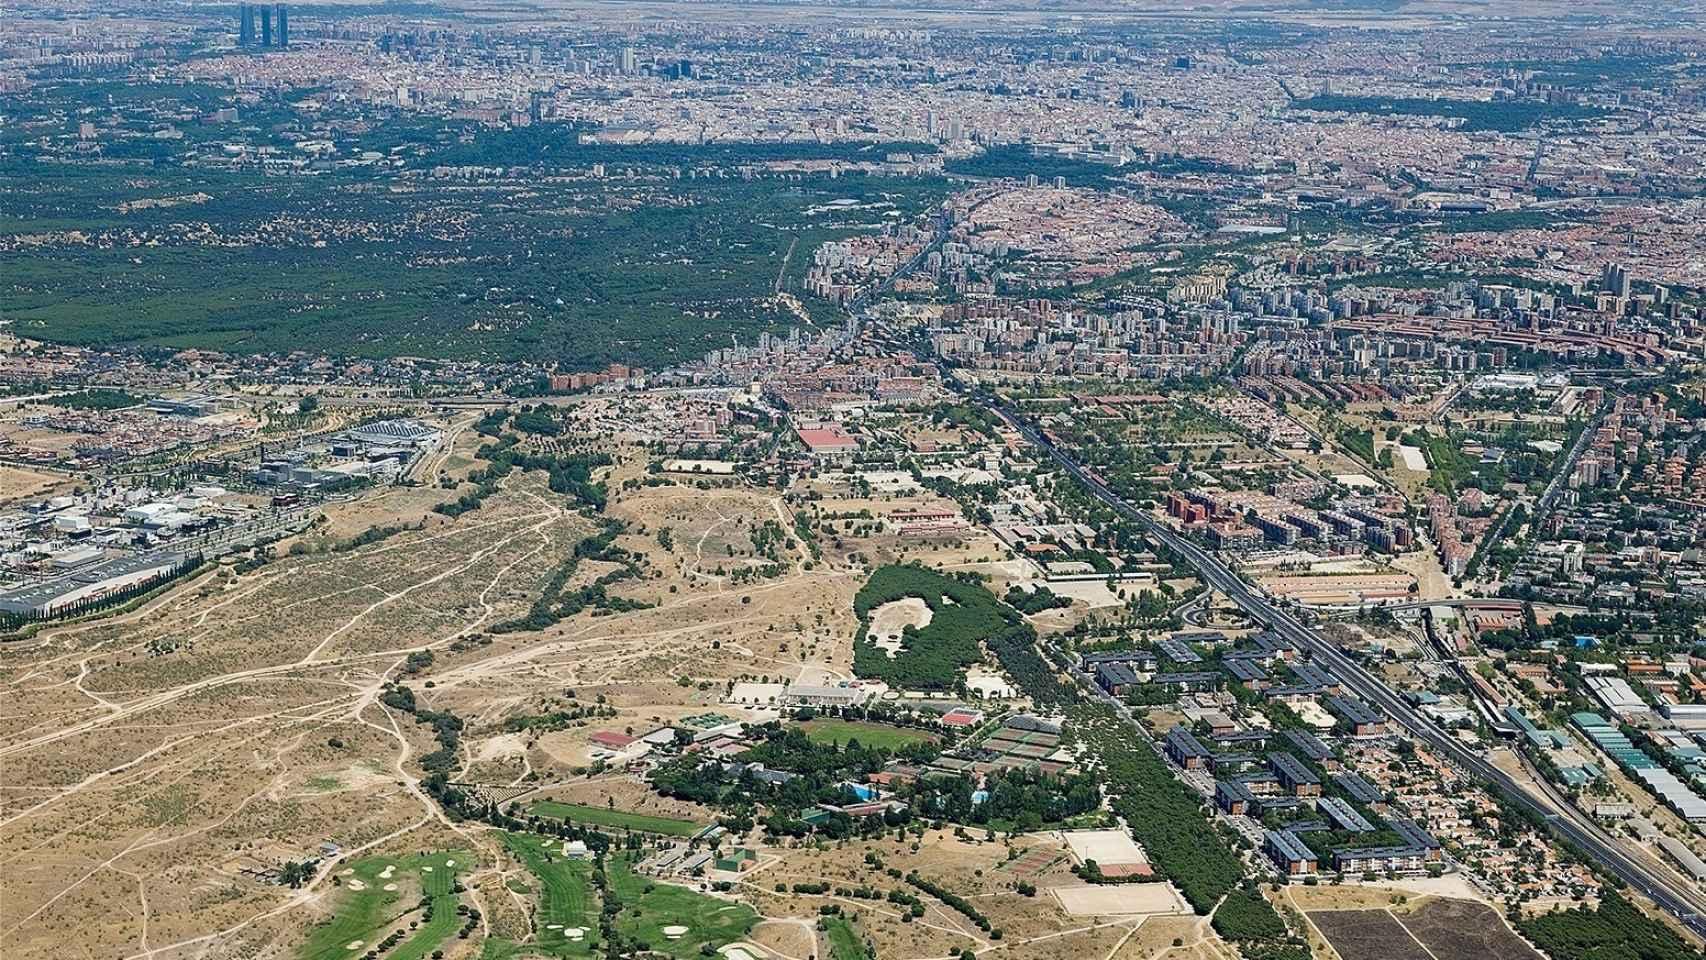 Imagen aérea de los terrenos que forman parte de la Operación Campamento.